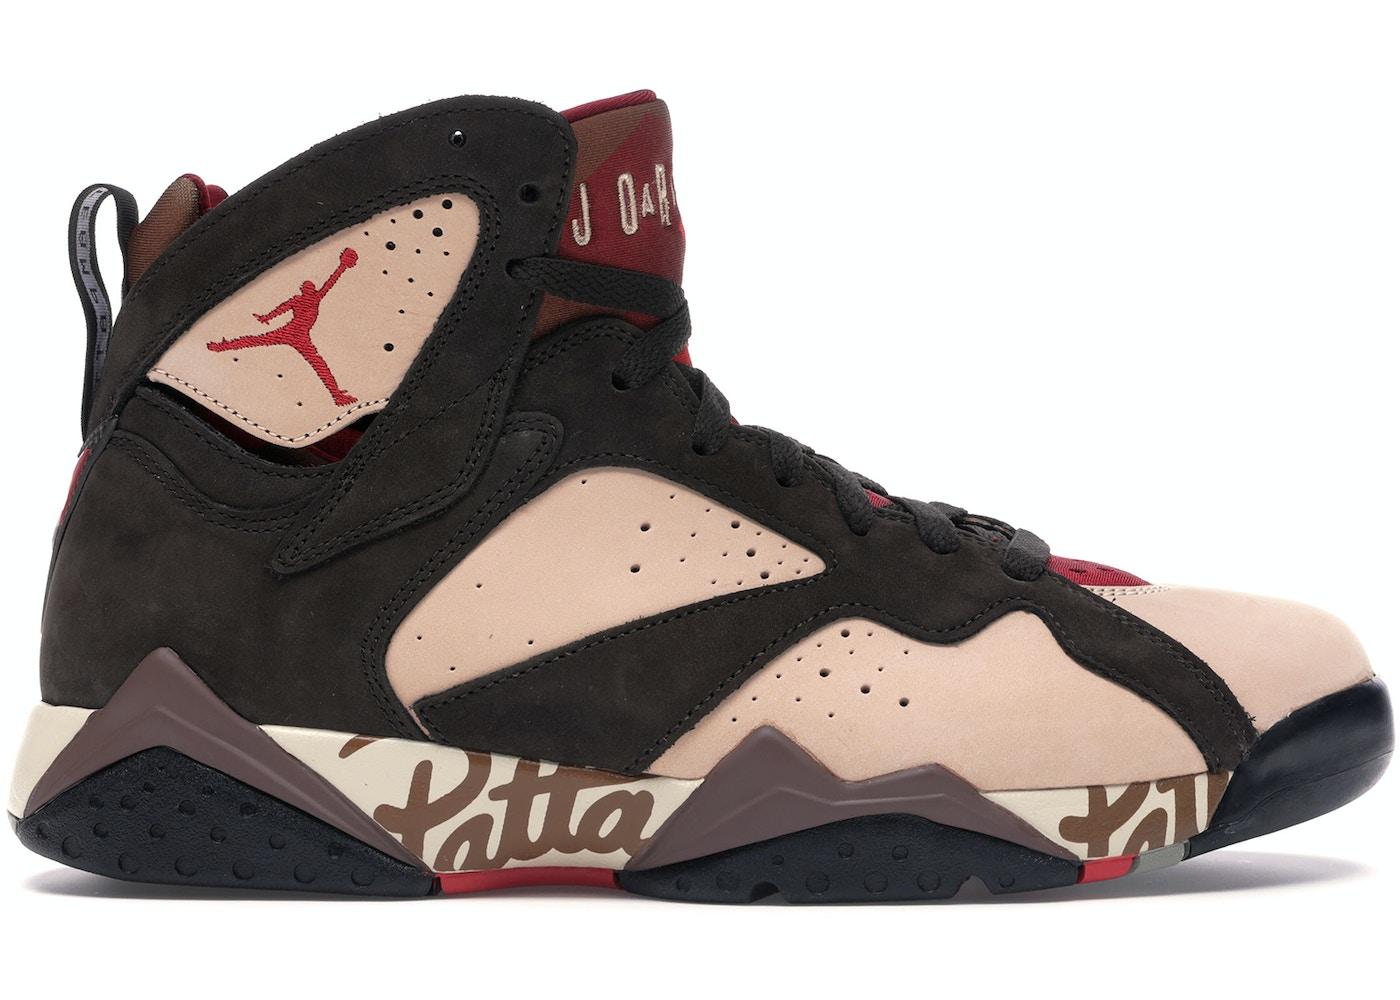 buy online f4ec9 51b22 Buy Air Jordan 7 Shoes & Deadstock Sneakers